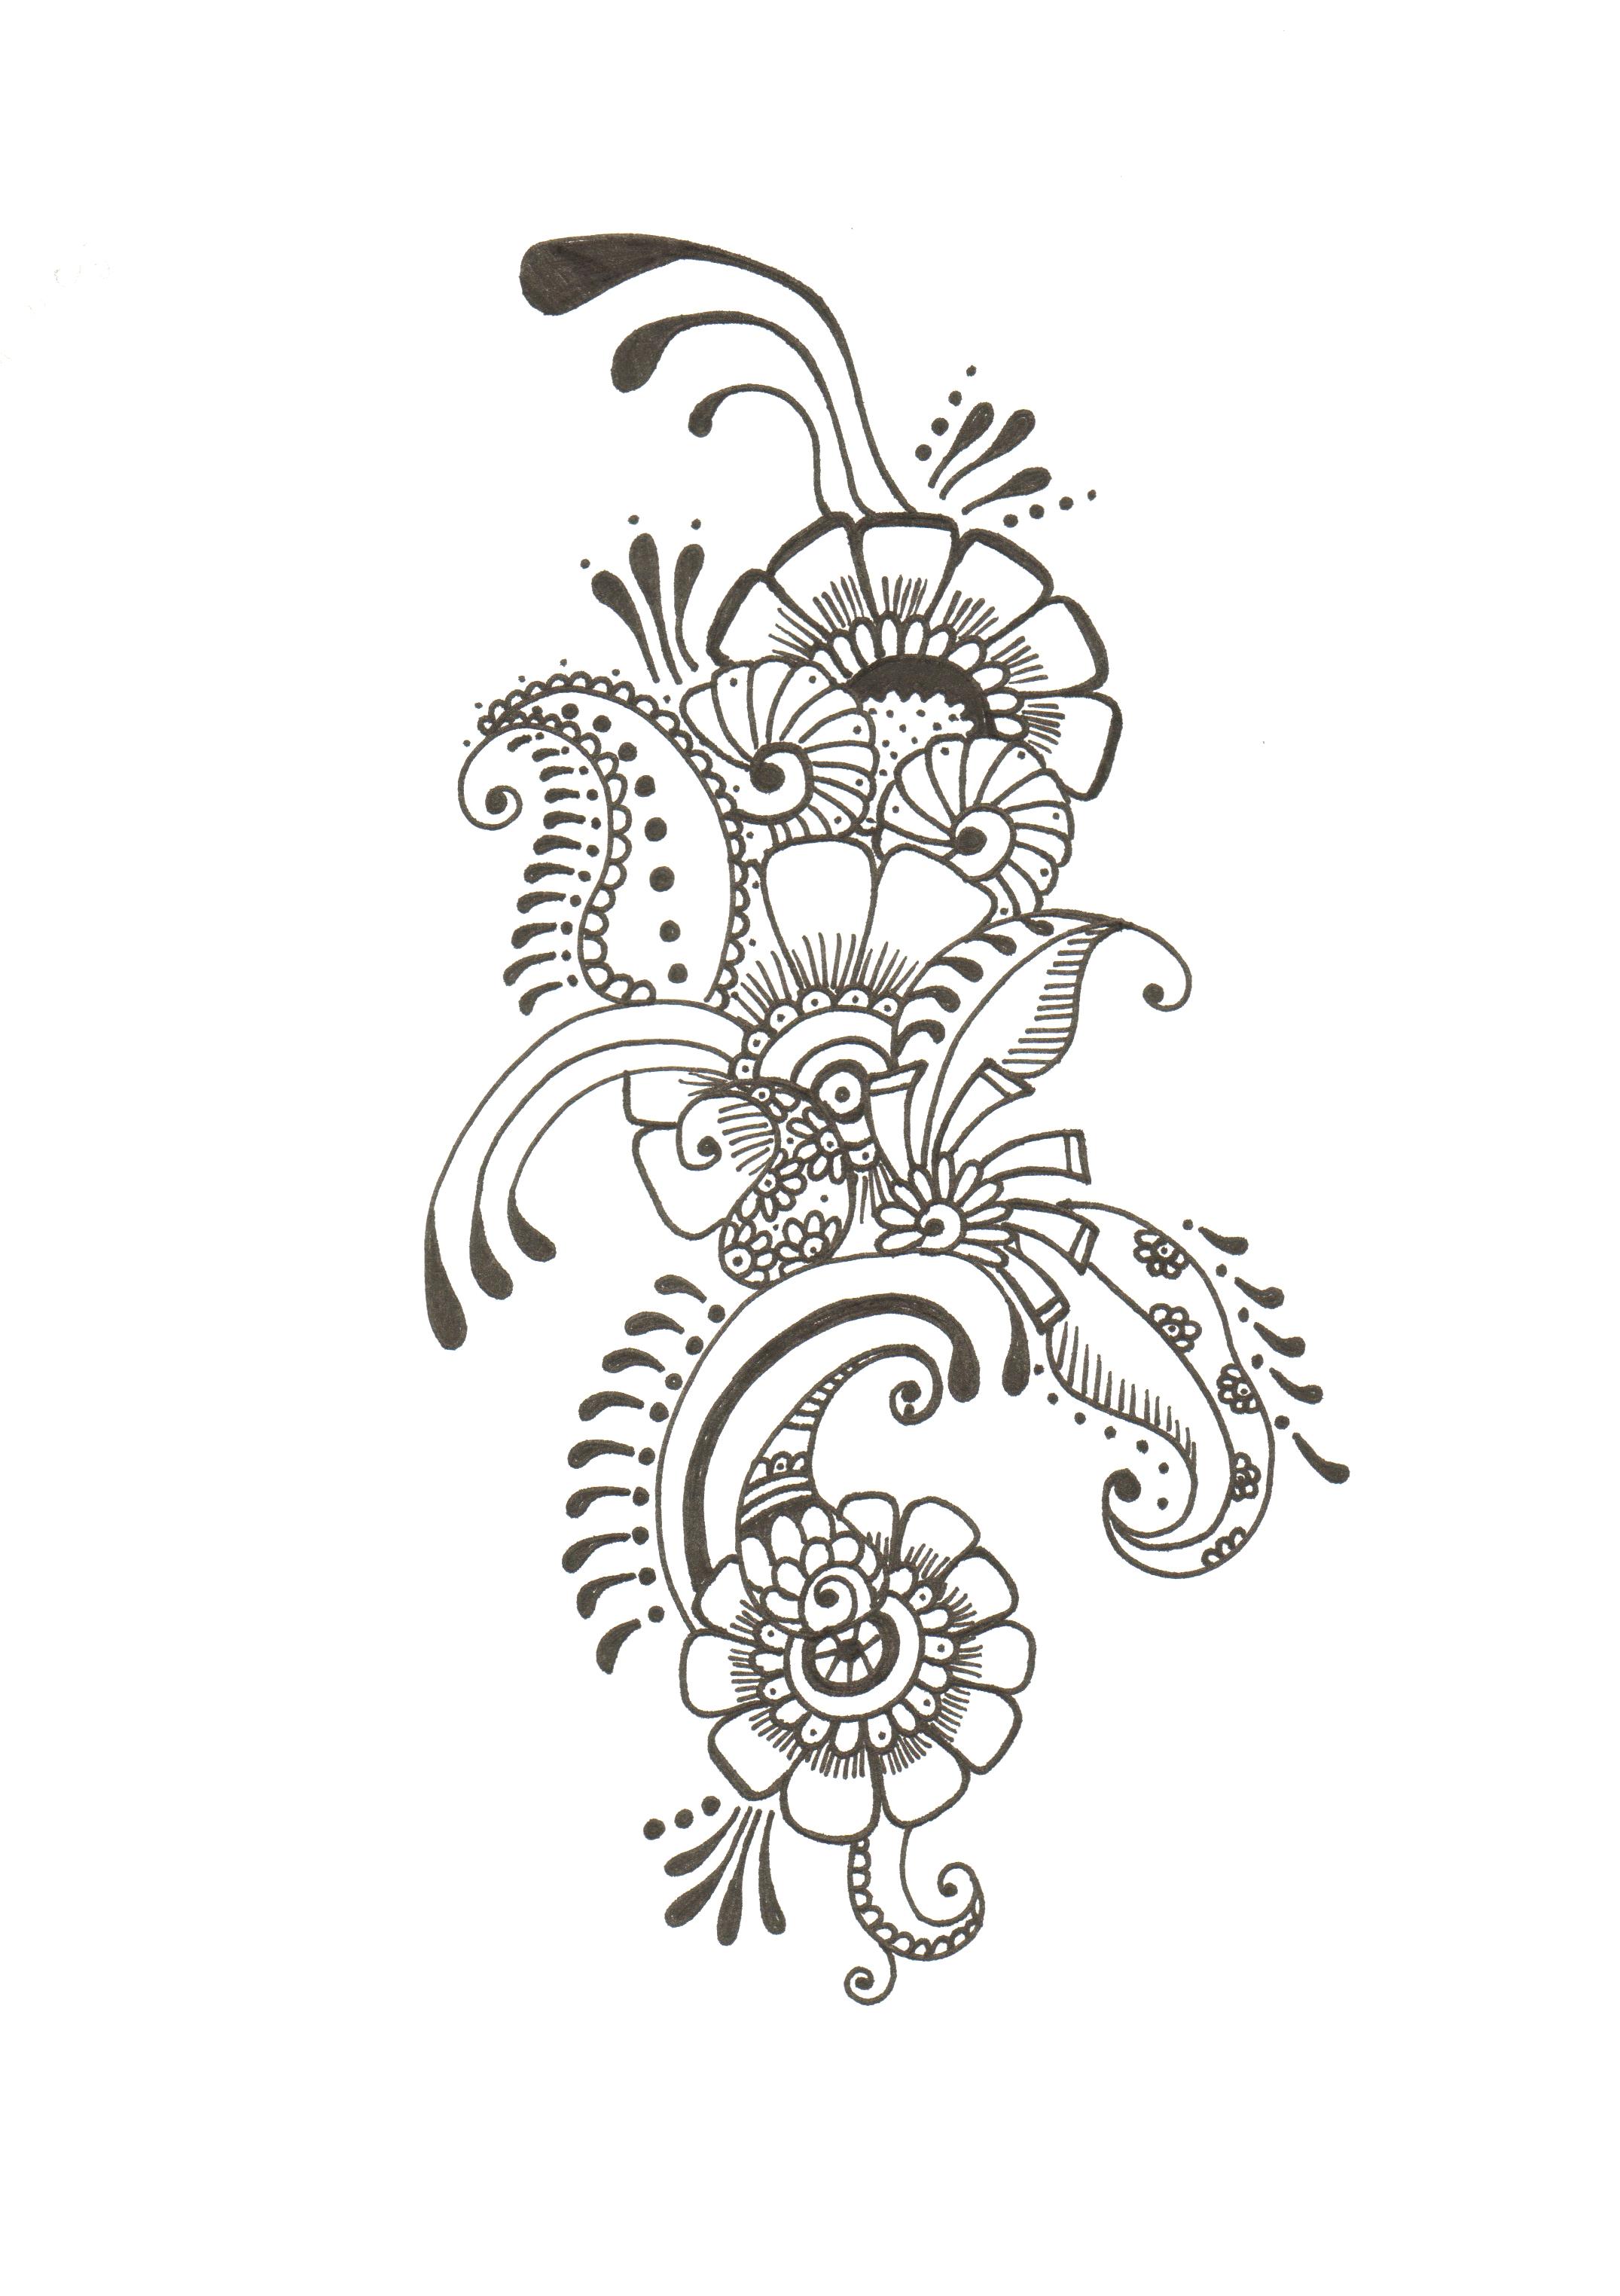 Mehndi Design Drawing at GetDrawings.com | Free for personal ...